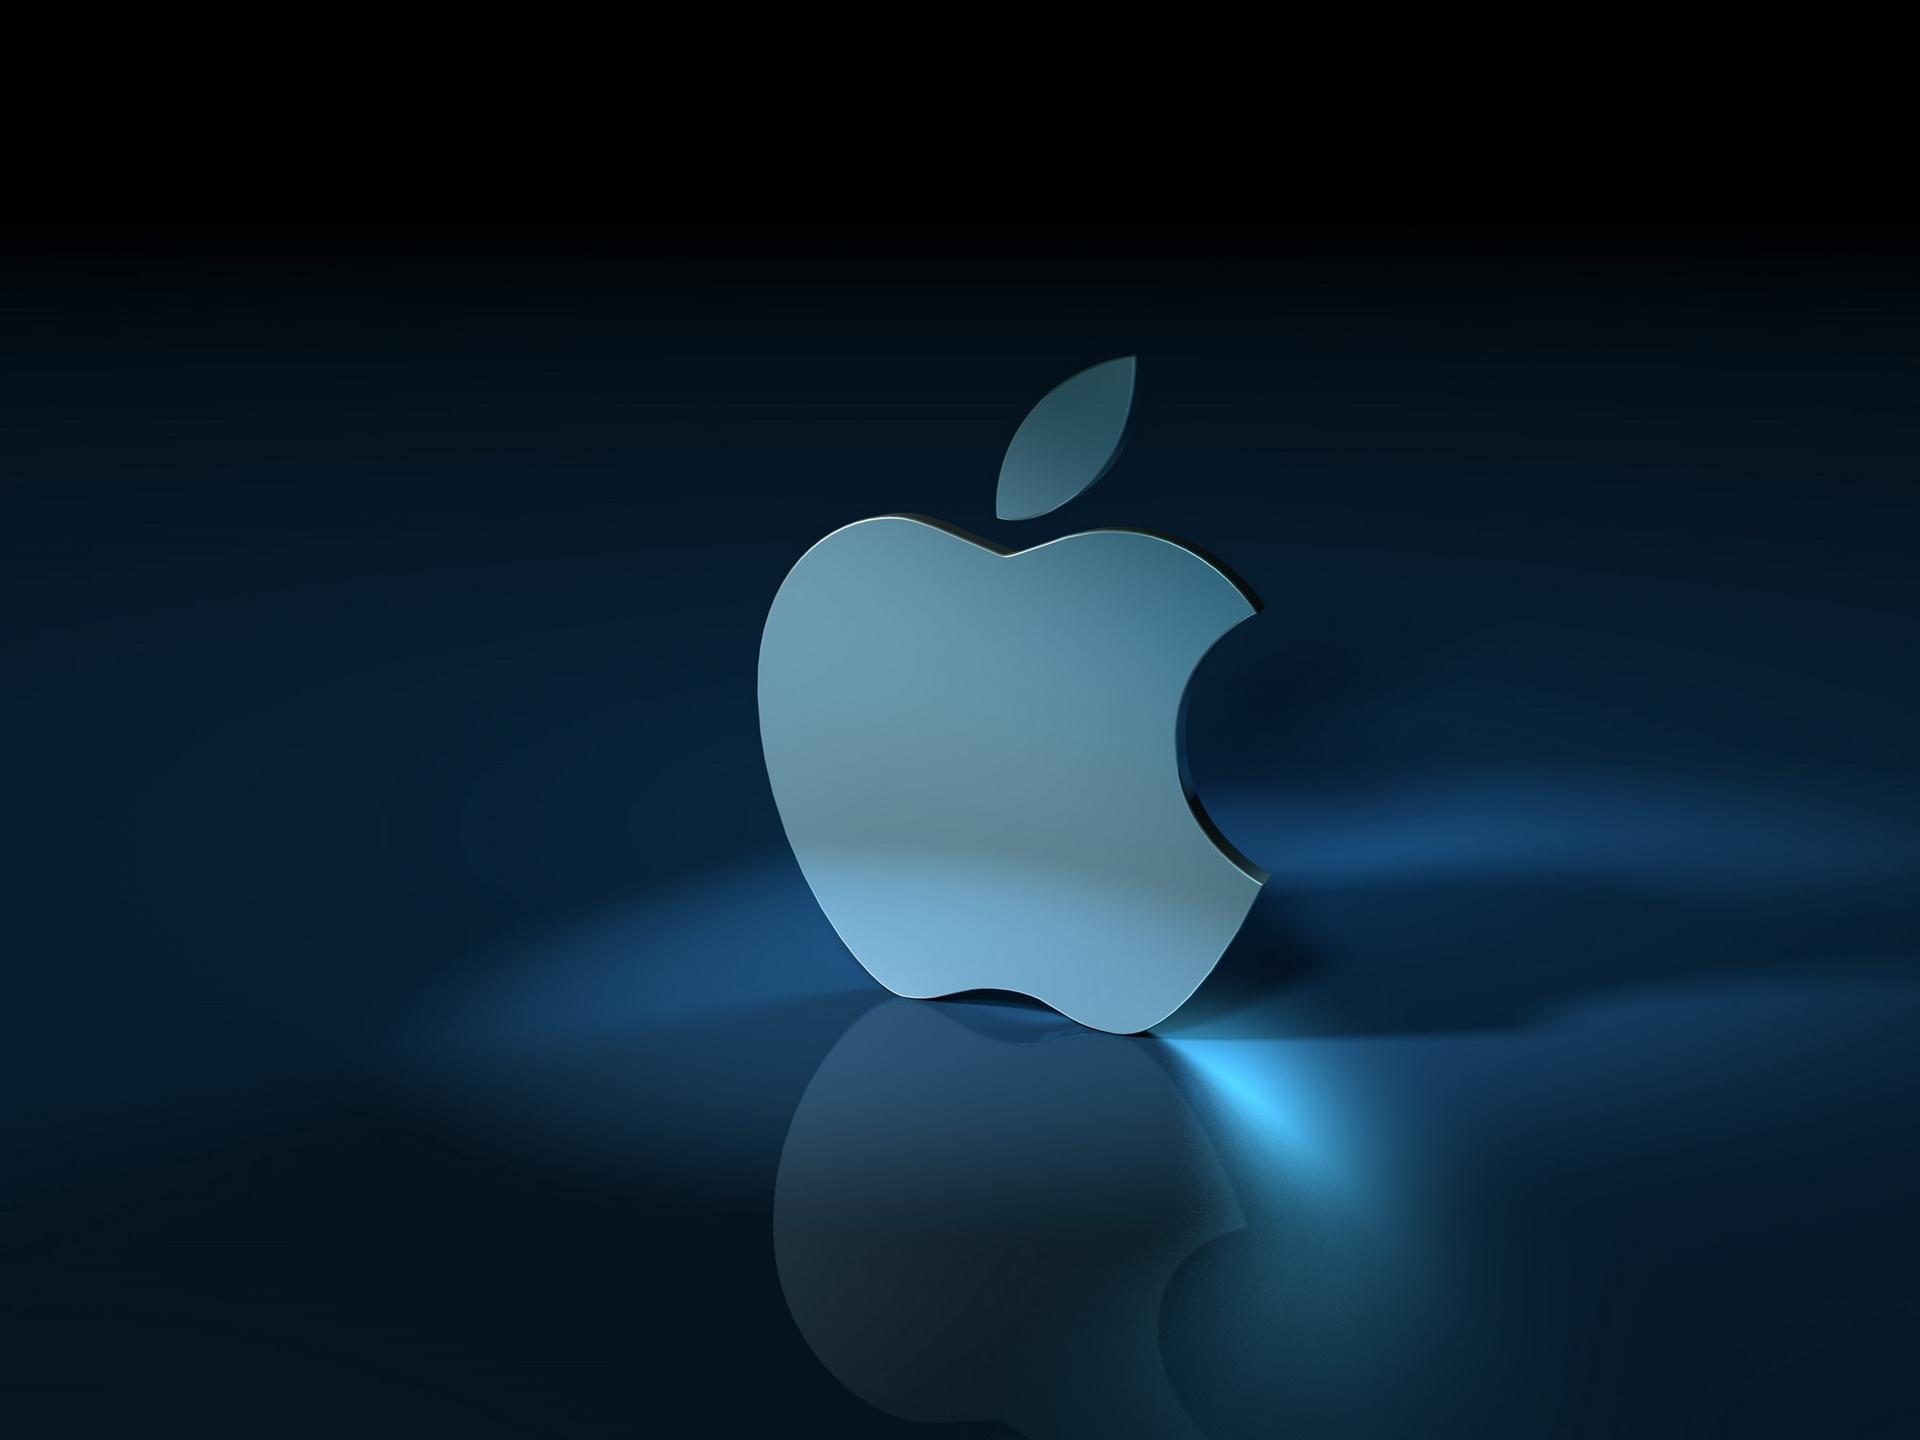 Best 3d Wallpapers For Desktop Apple 4